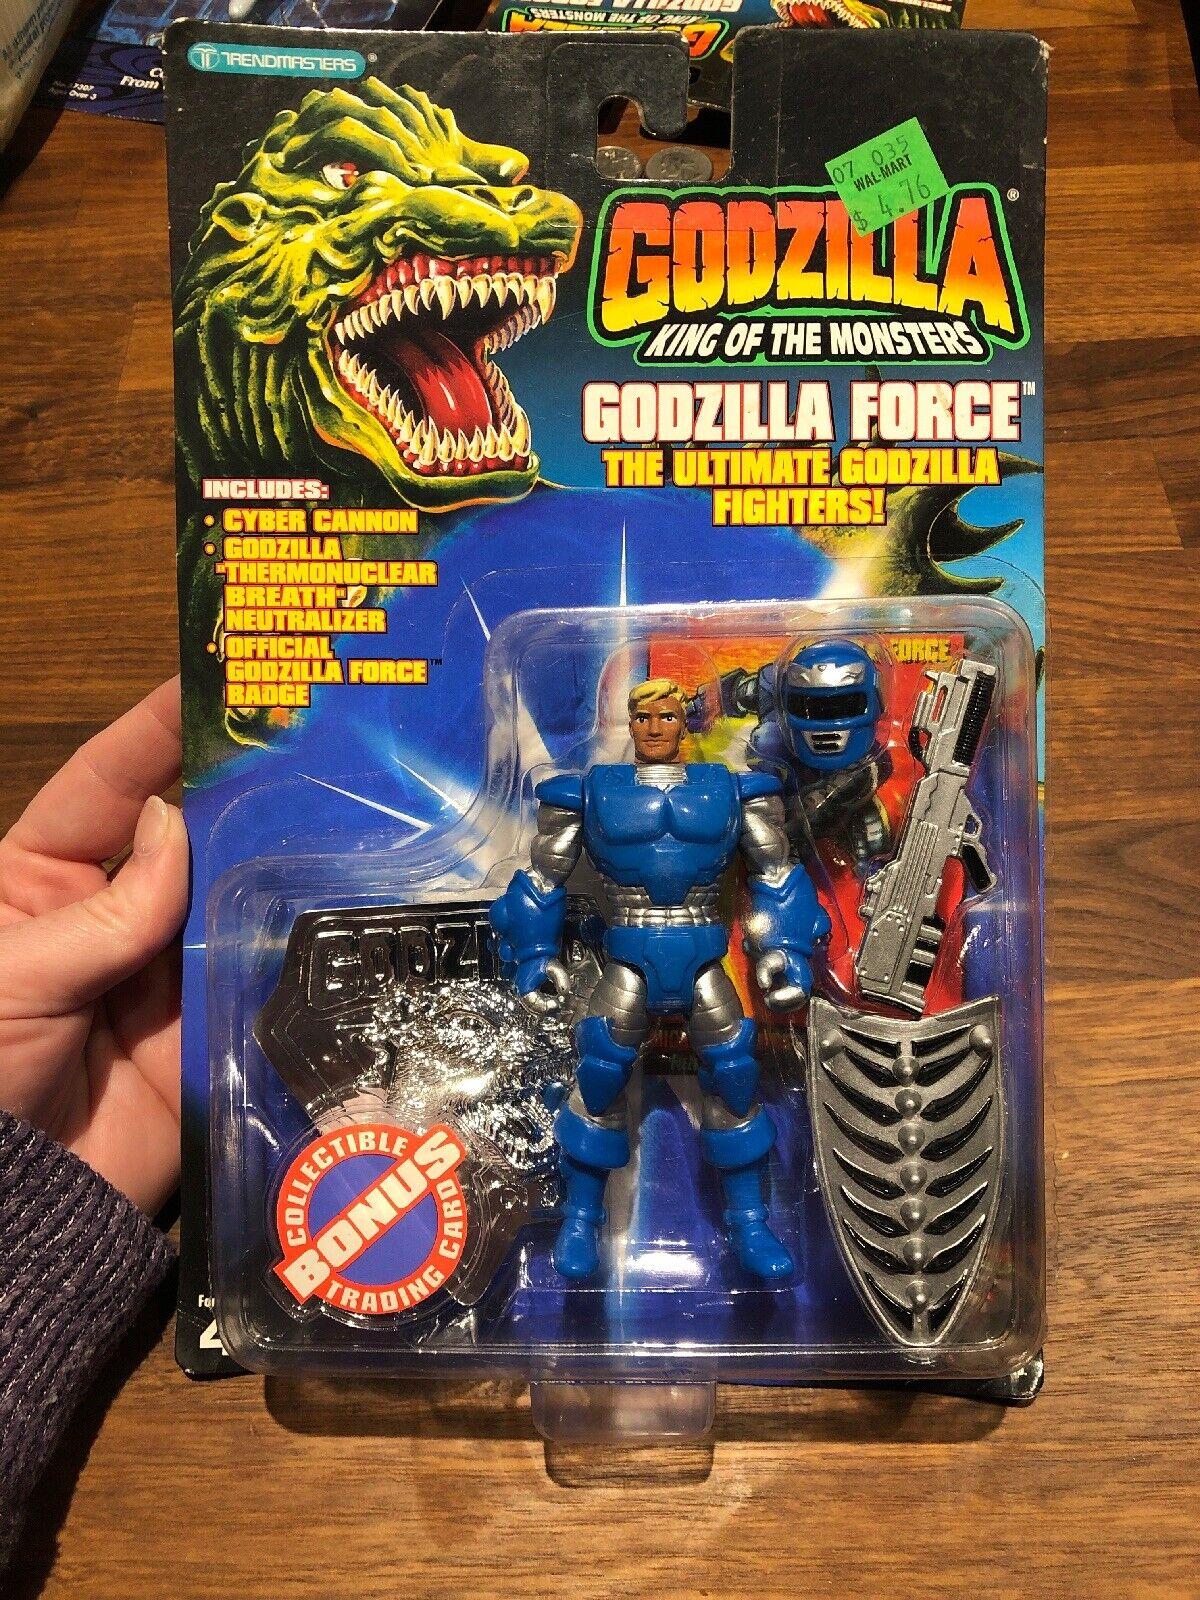 Godzilla King of Monsters - Godzilla Force MICHAEL Action Figure w/trading card